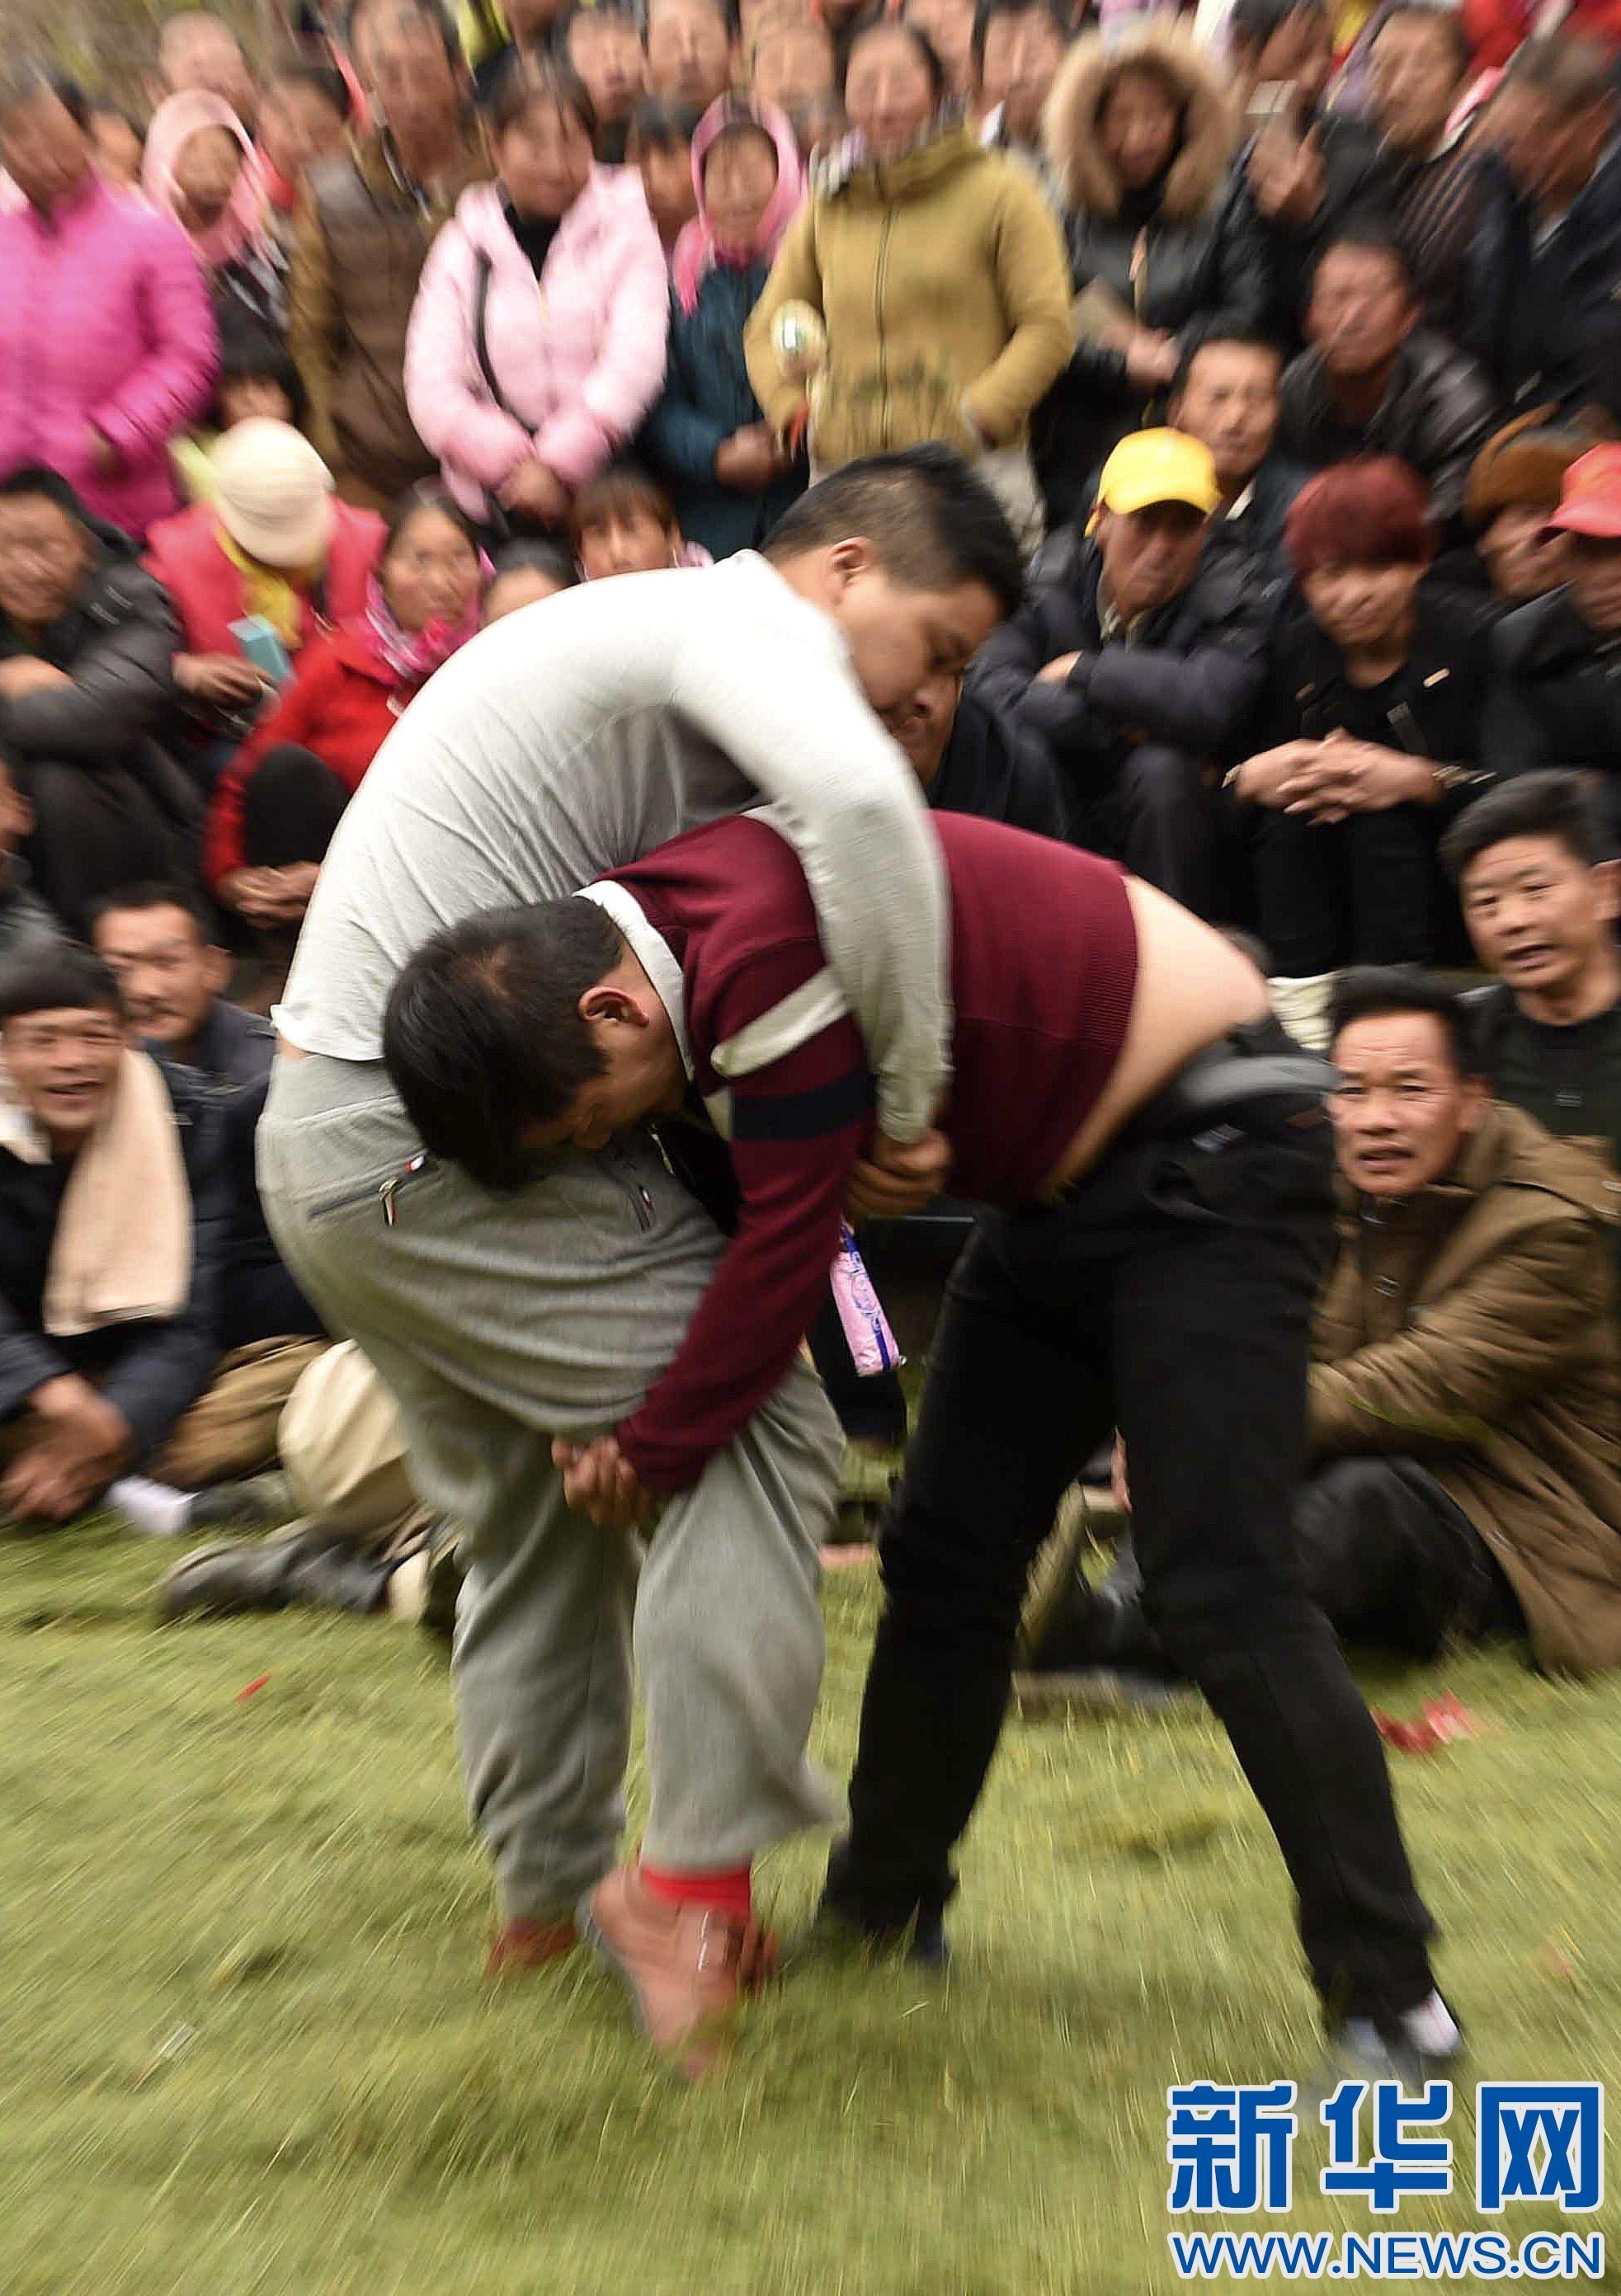 全民健身——乡村摔跤节